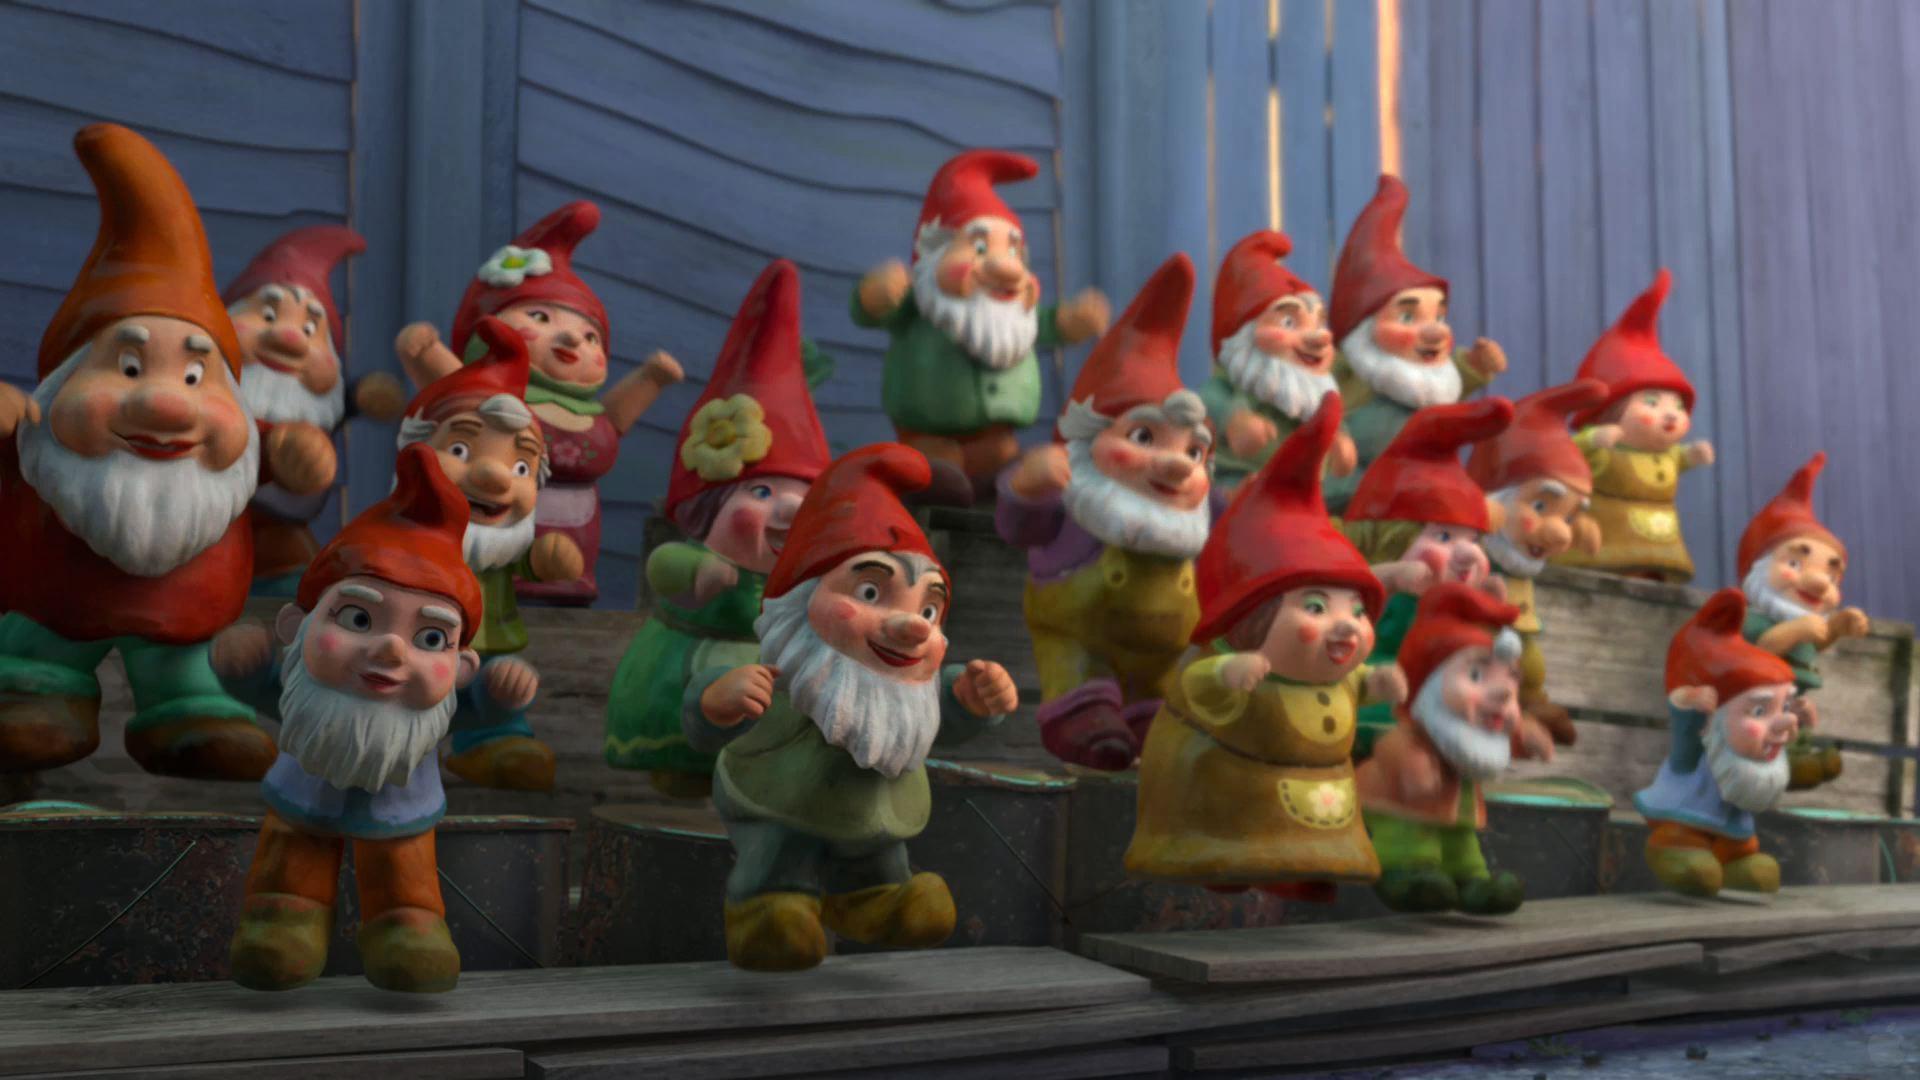 Garden Gnome Wallpapers